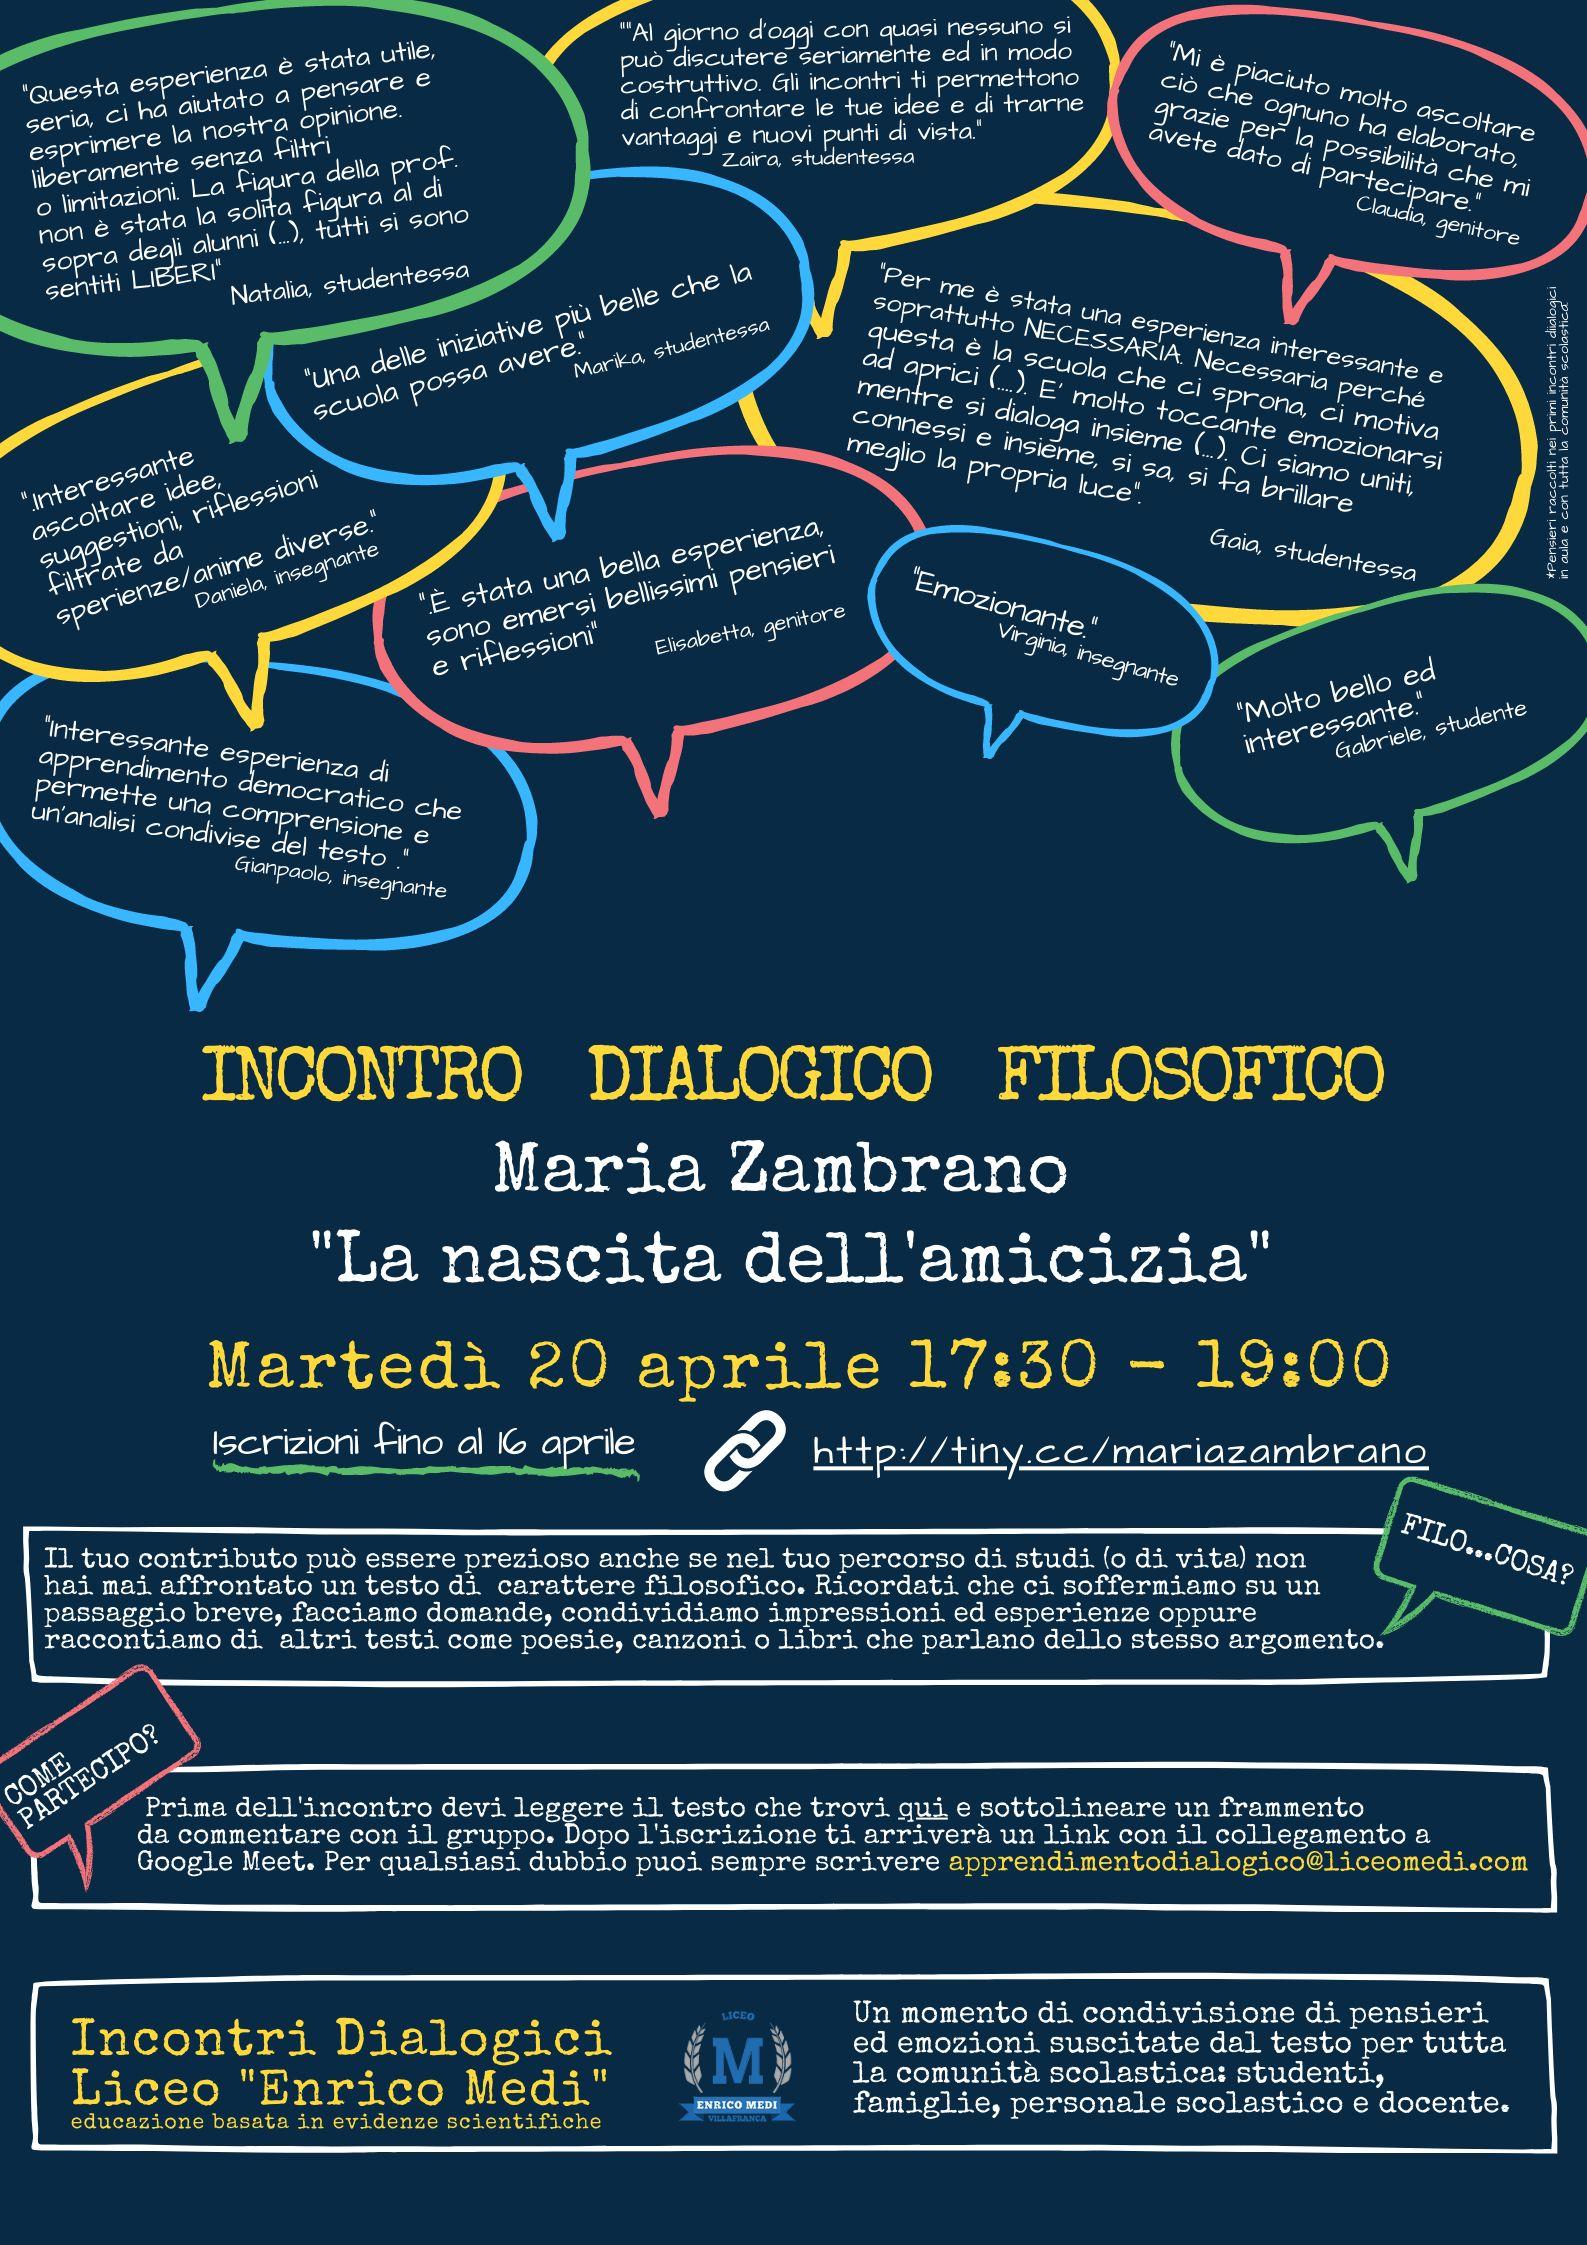 Incontro dialogico filosofico aperto a tutti - Martedì 20 aprile 17:30 - 19:00 - Iscrizioni entro il 16 aprile